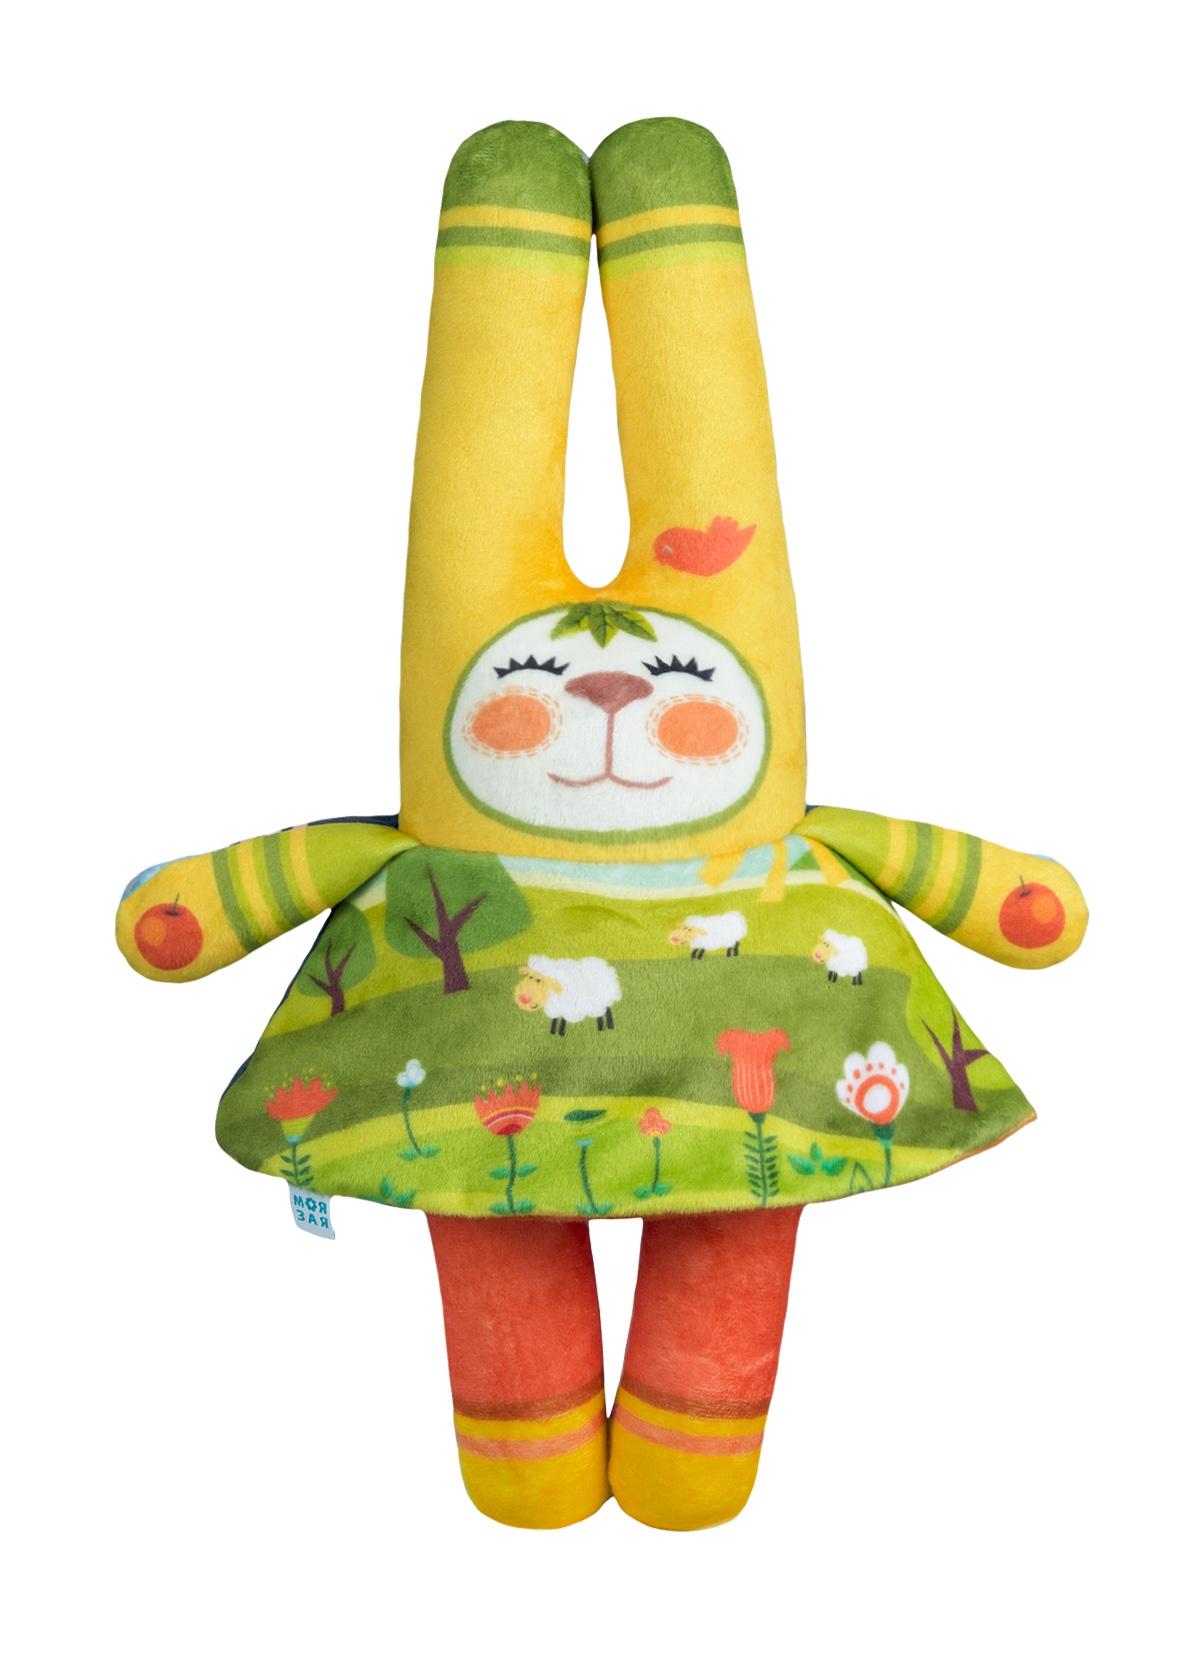 Мягкая игрушка МОЯ ЗАЯ Зая в костюмчиках на тему времена года: Осень, Зима, Весна, Лето